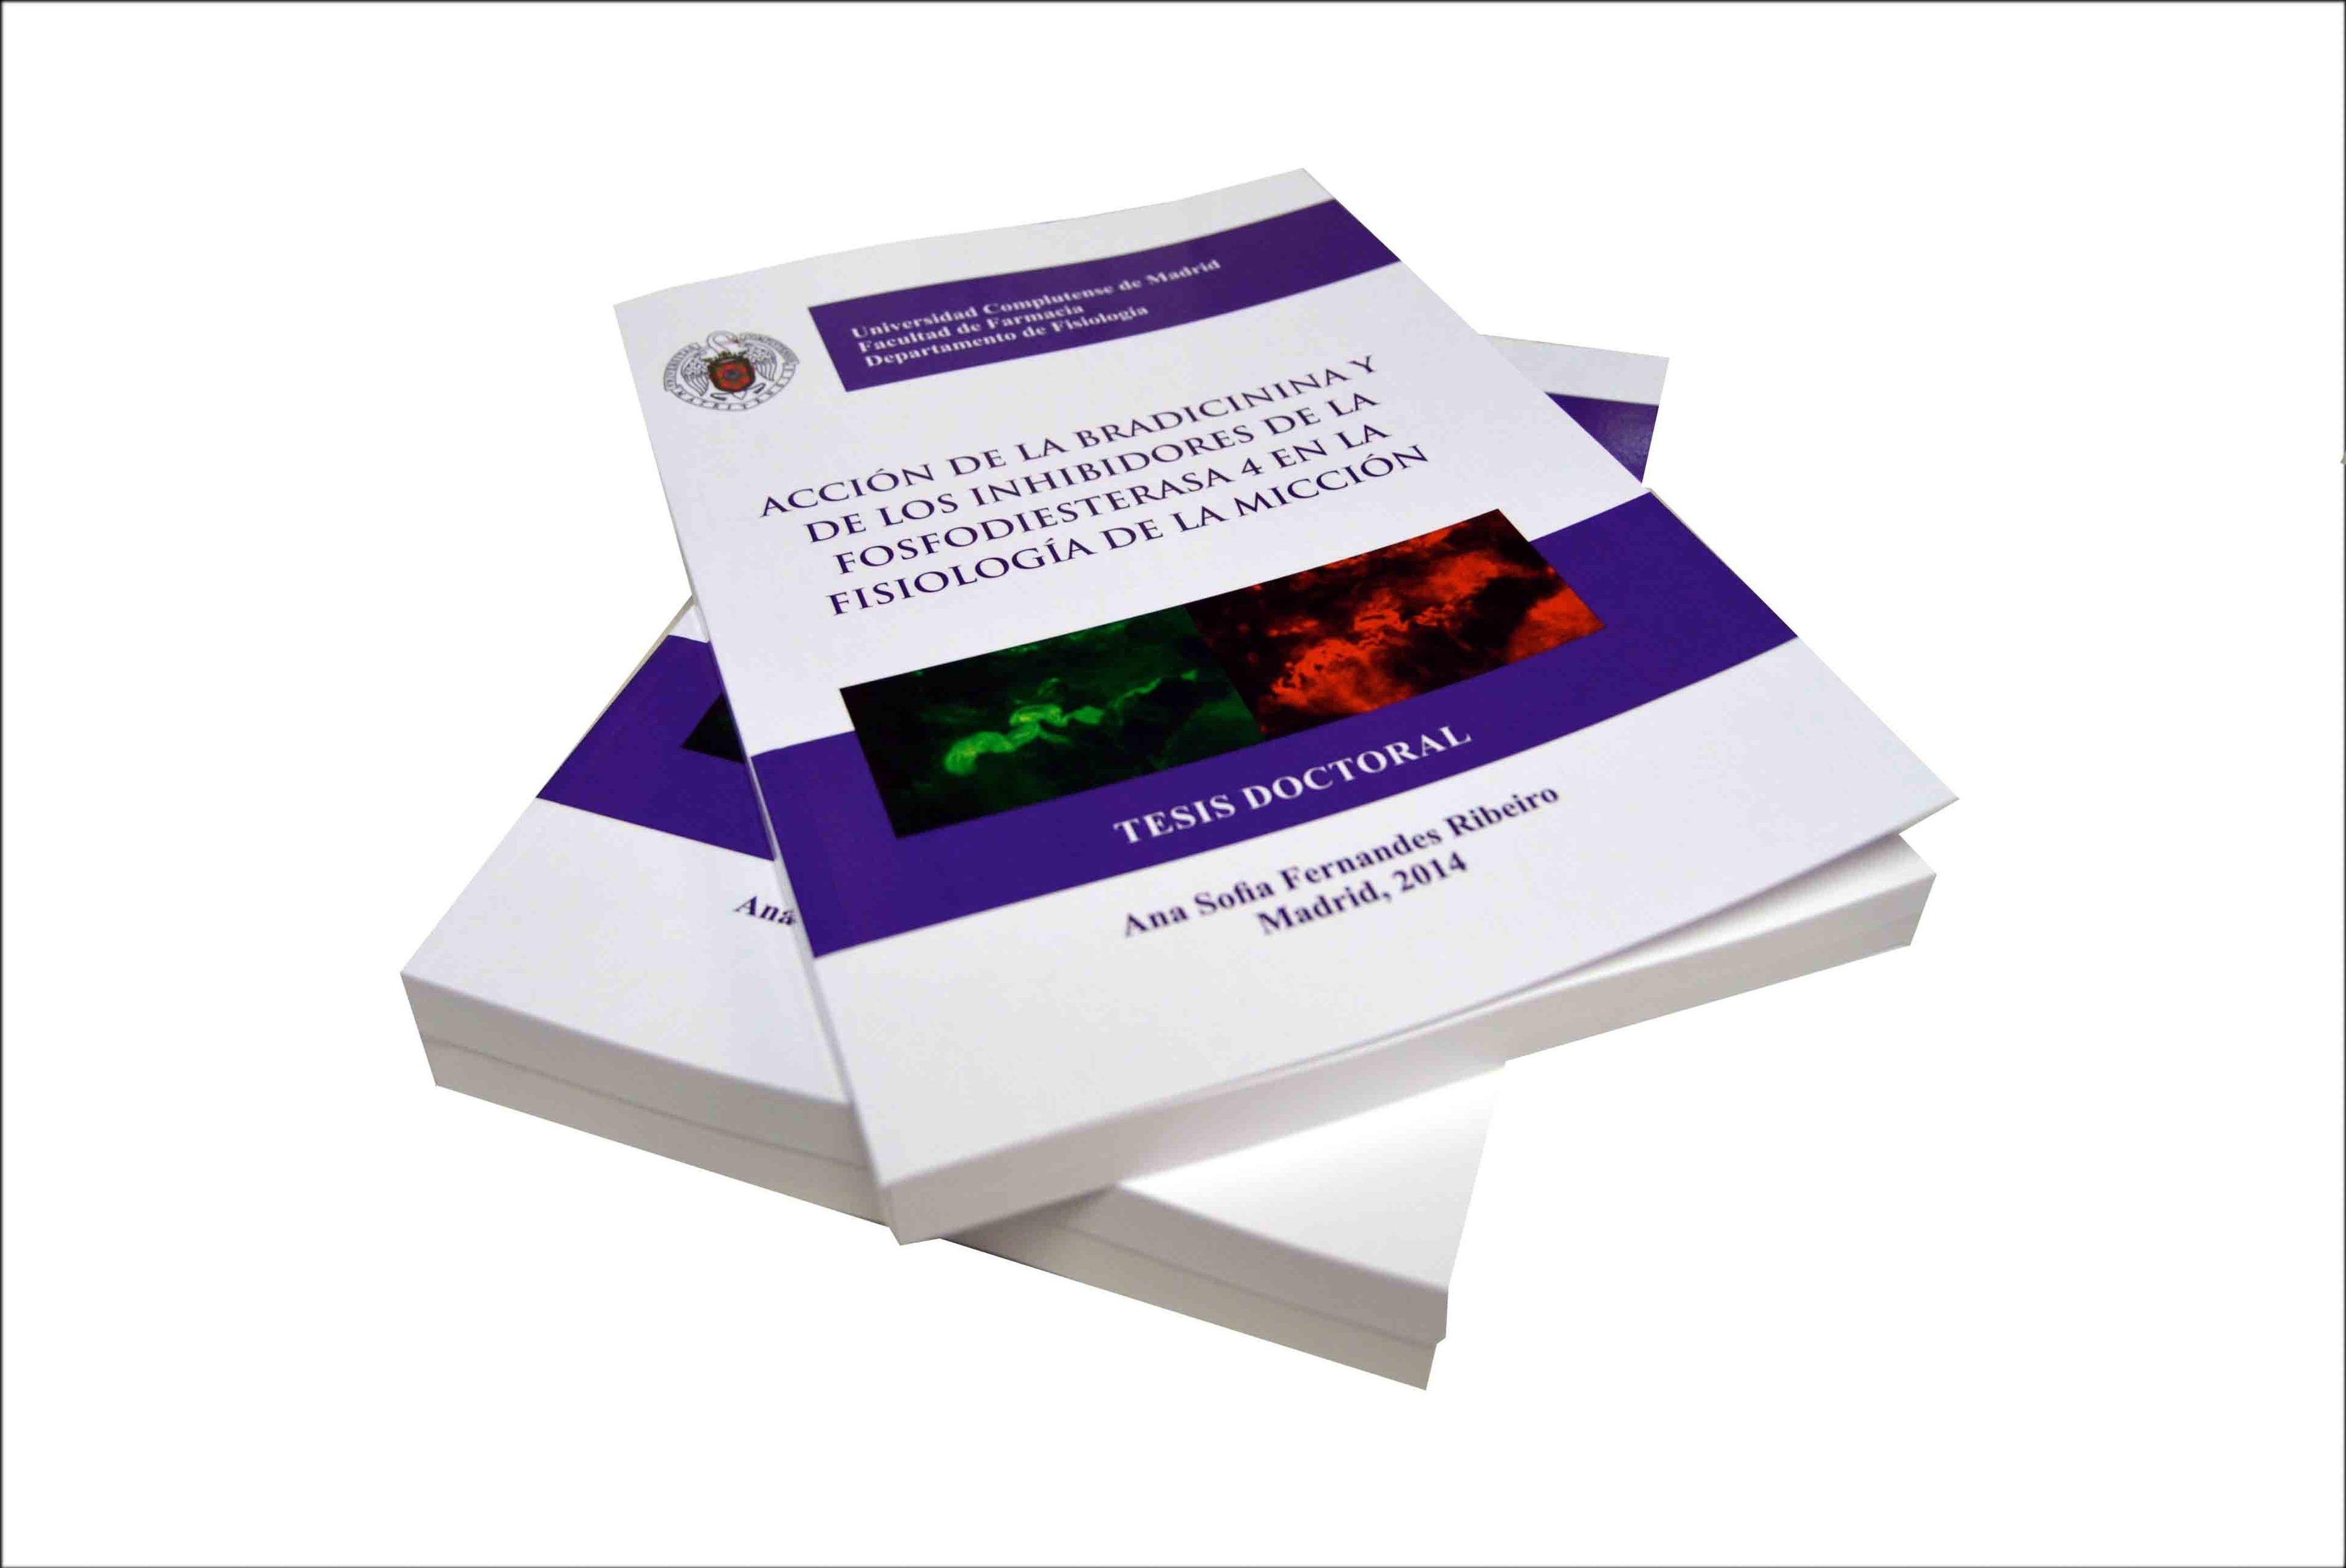 Encuadernaciones : NUESTROS SERVICIOS de LCS Reprograf